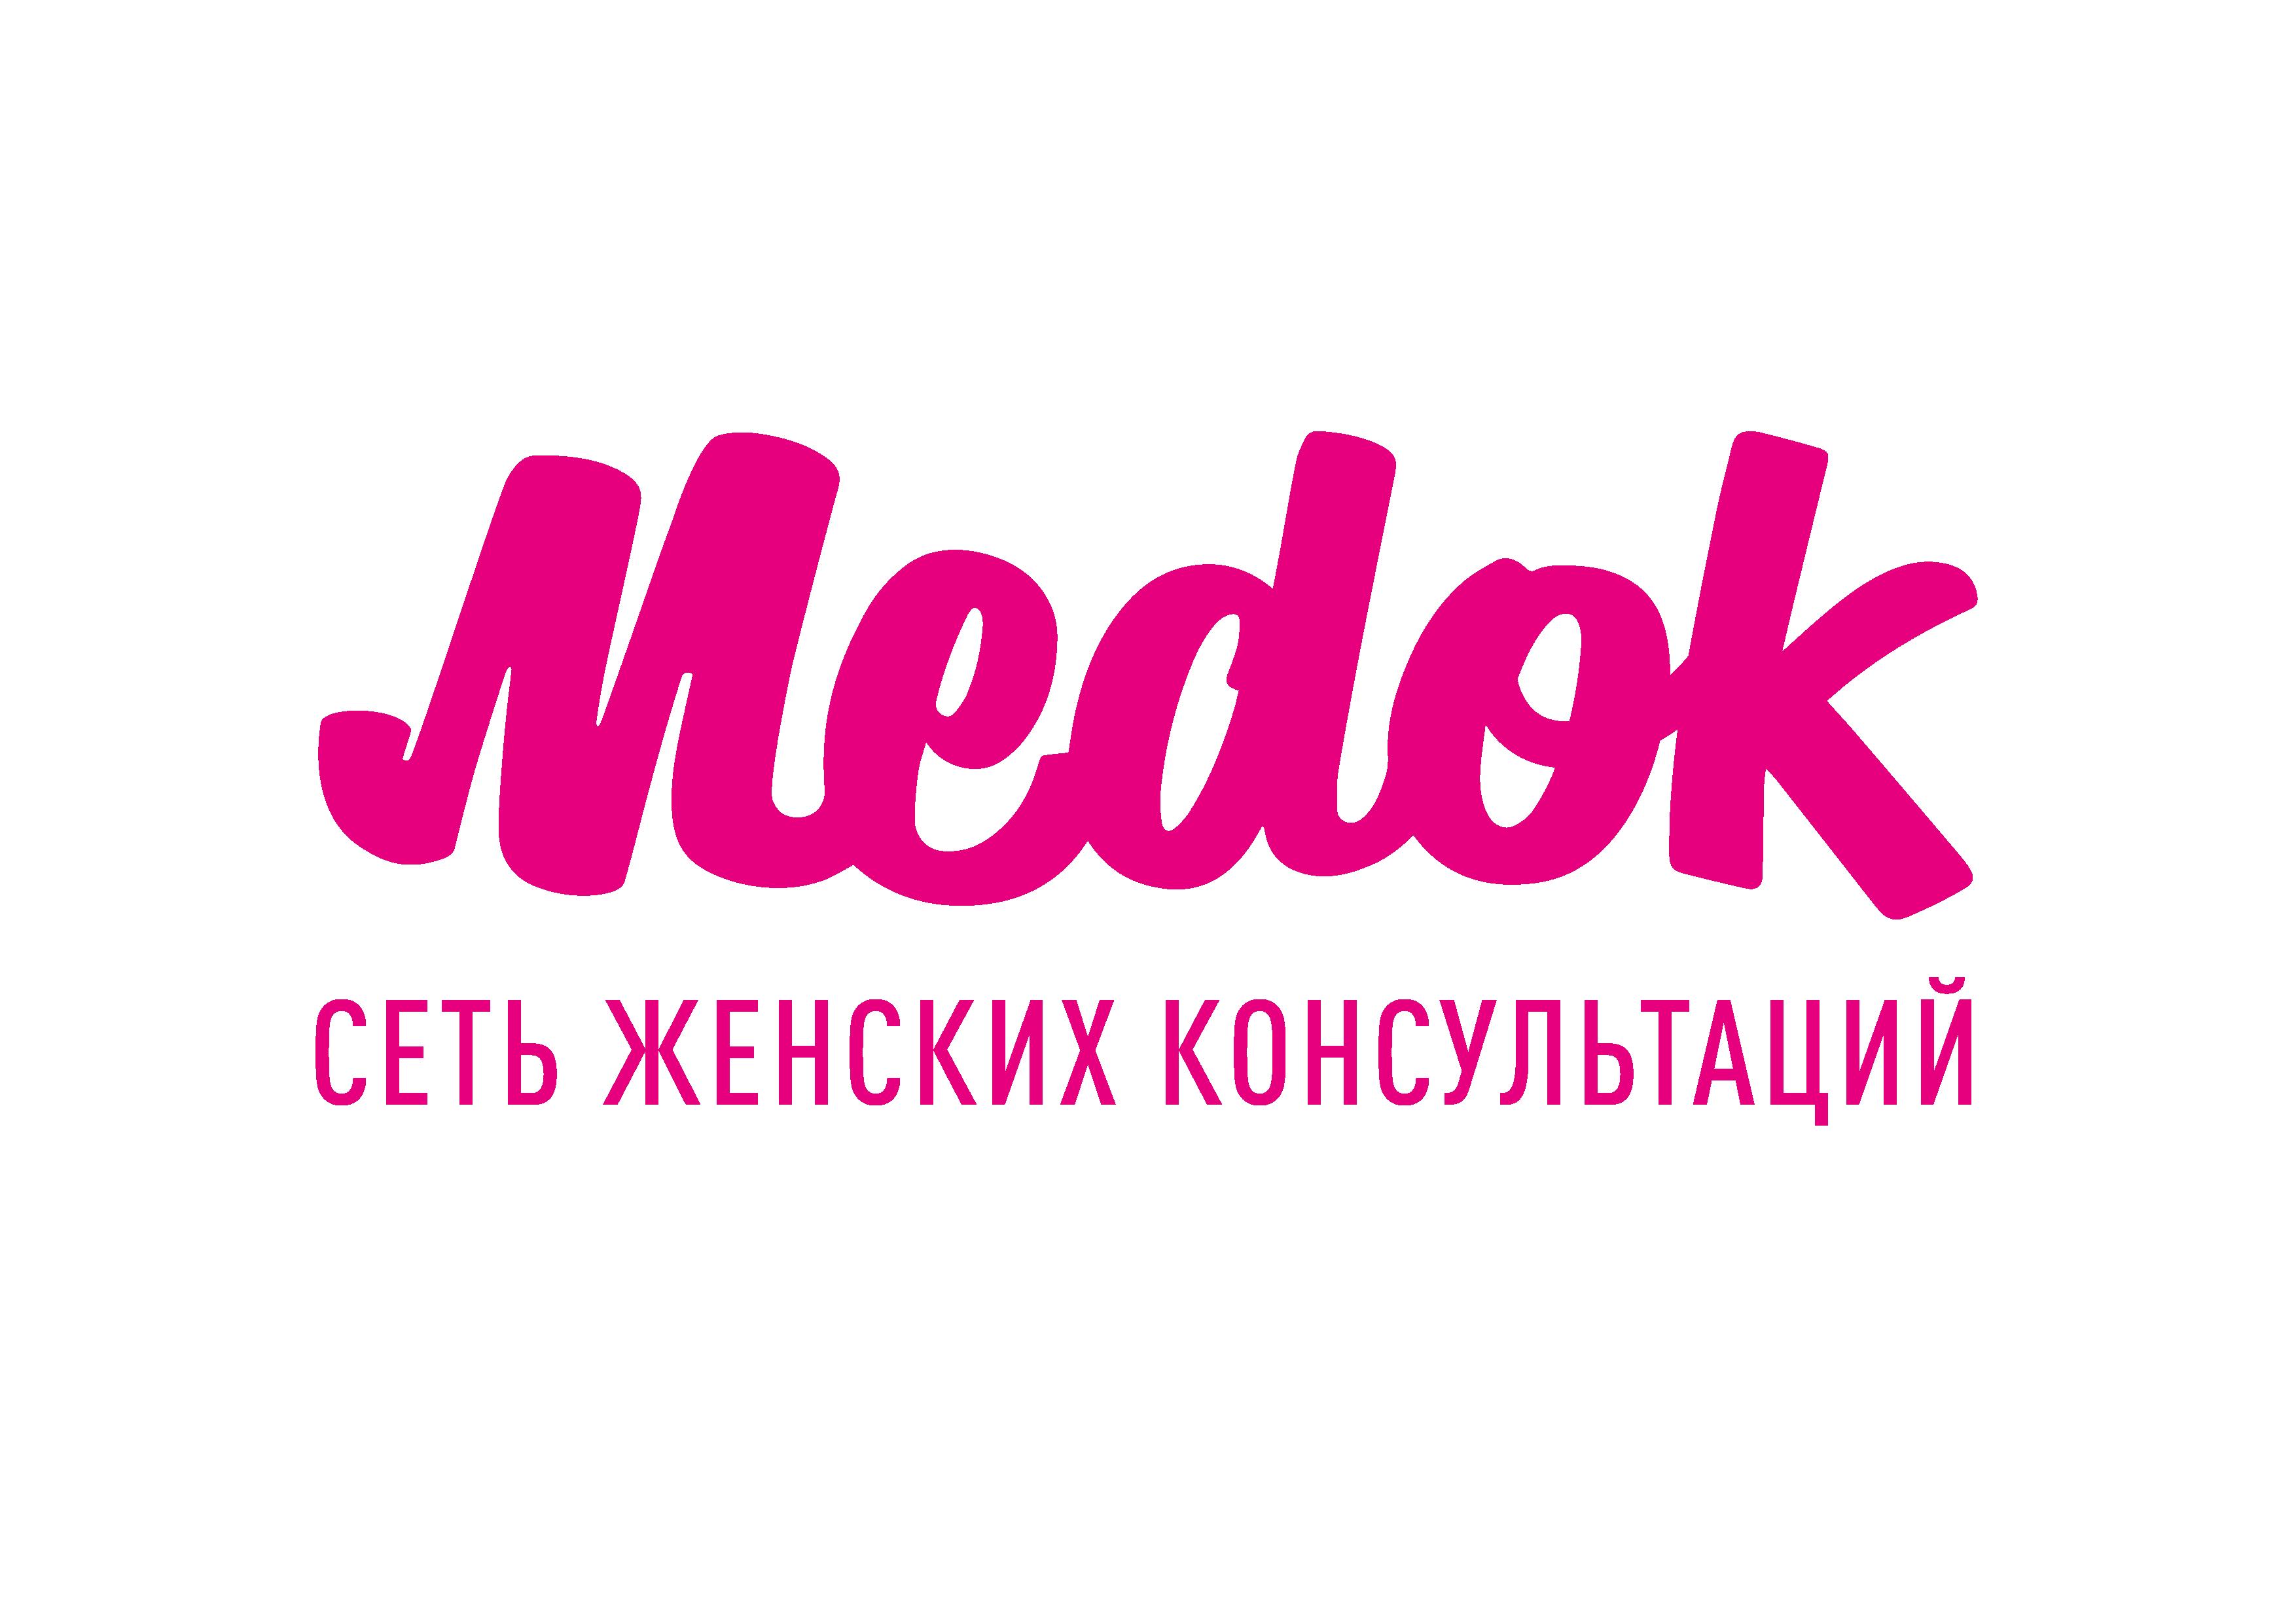 Женская консультация «Медок» в Кузьминках